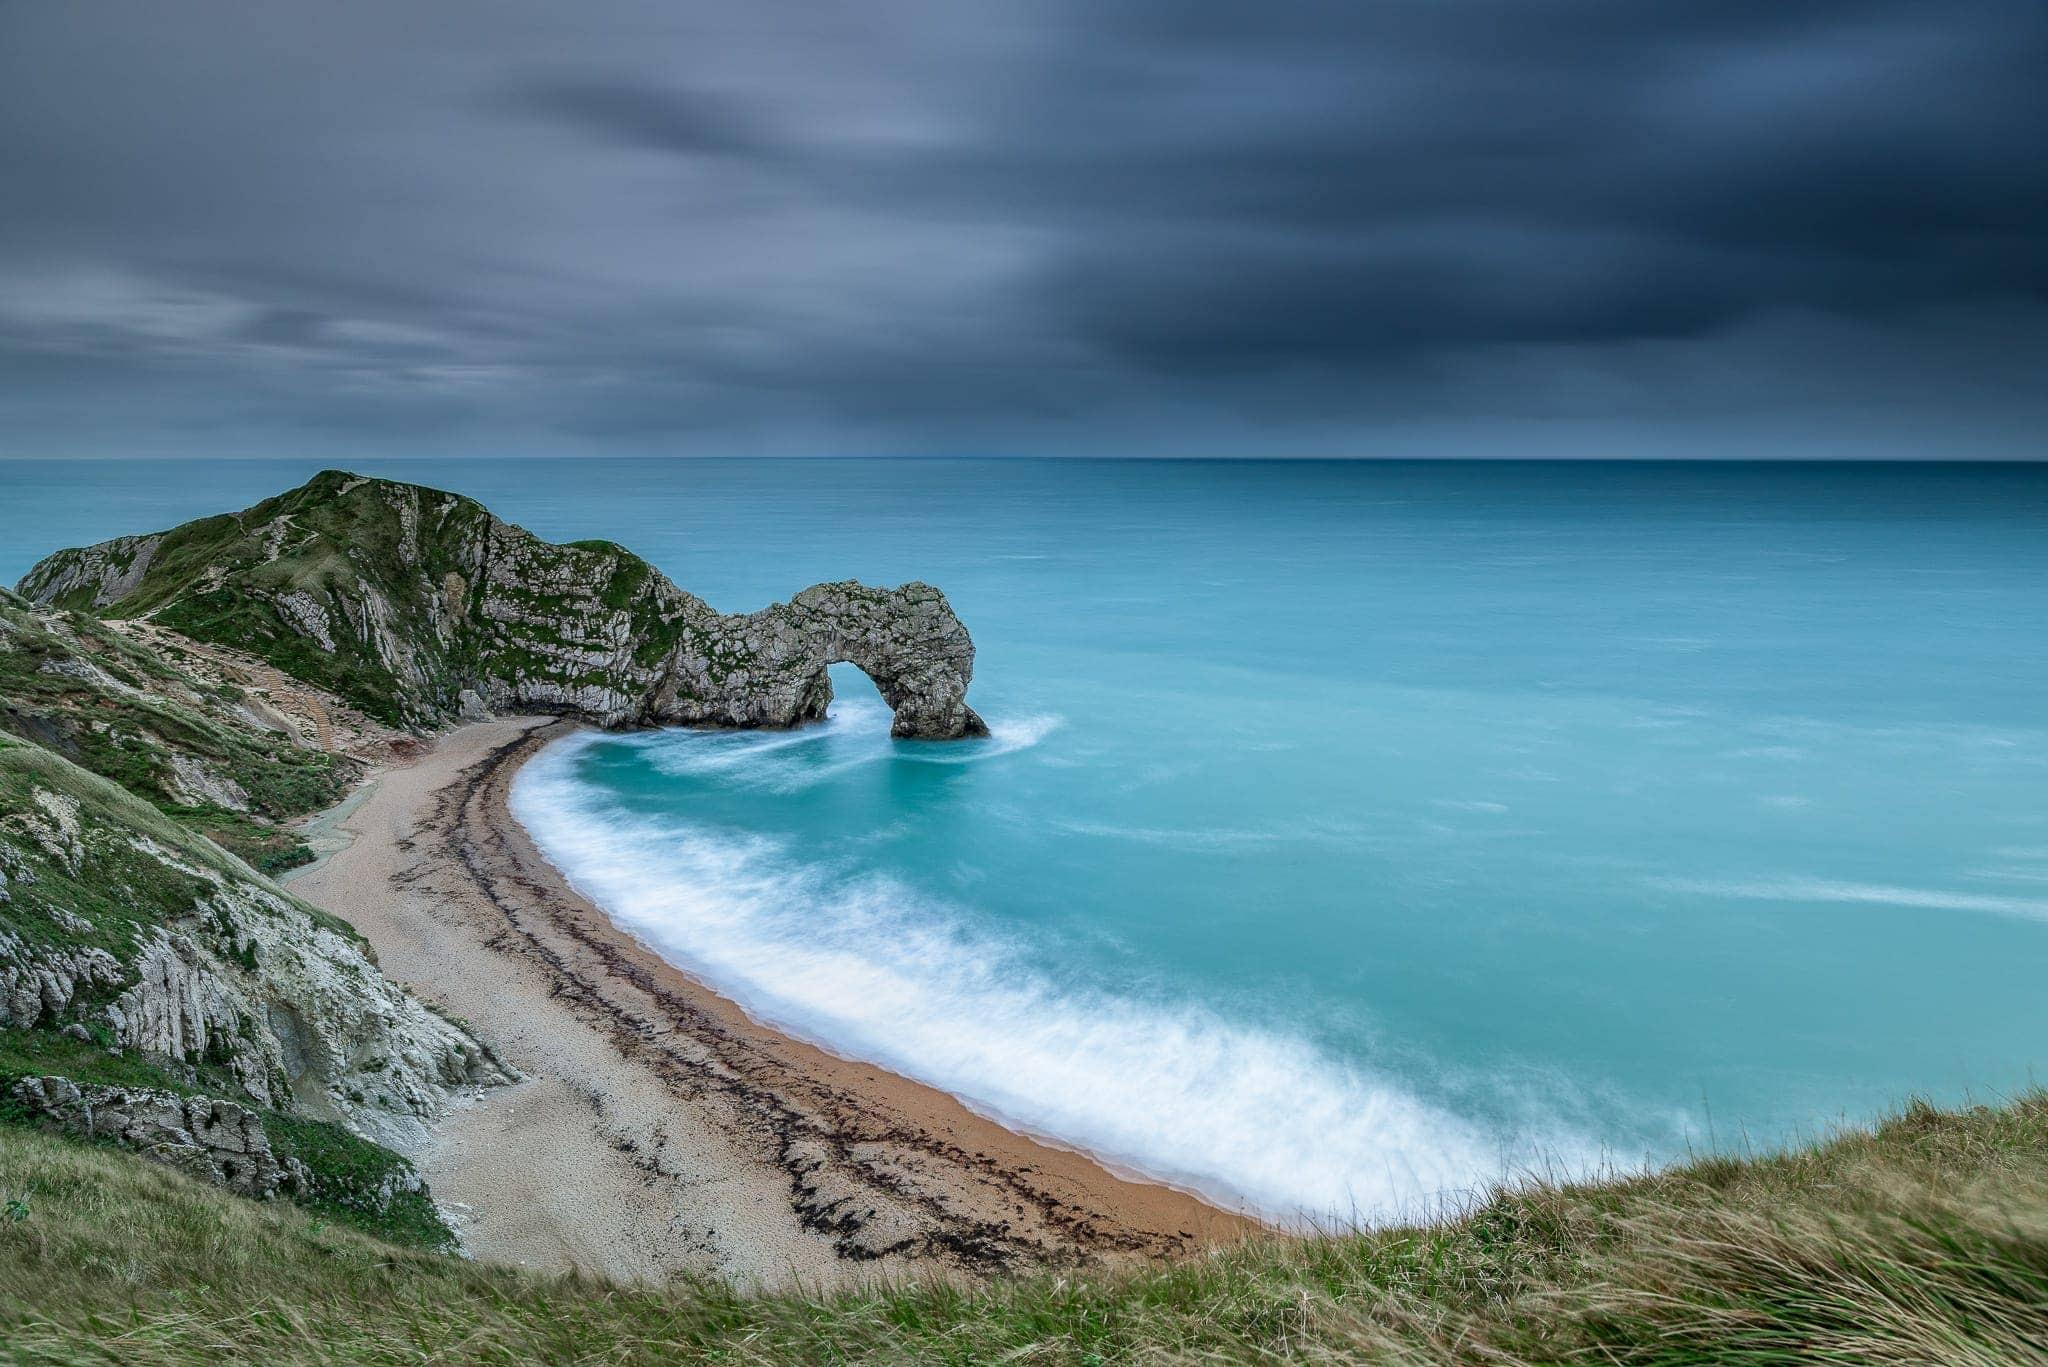 Francesco Gola Seascape Landscape Photography Uk Durdle Door Storm Long Exposure